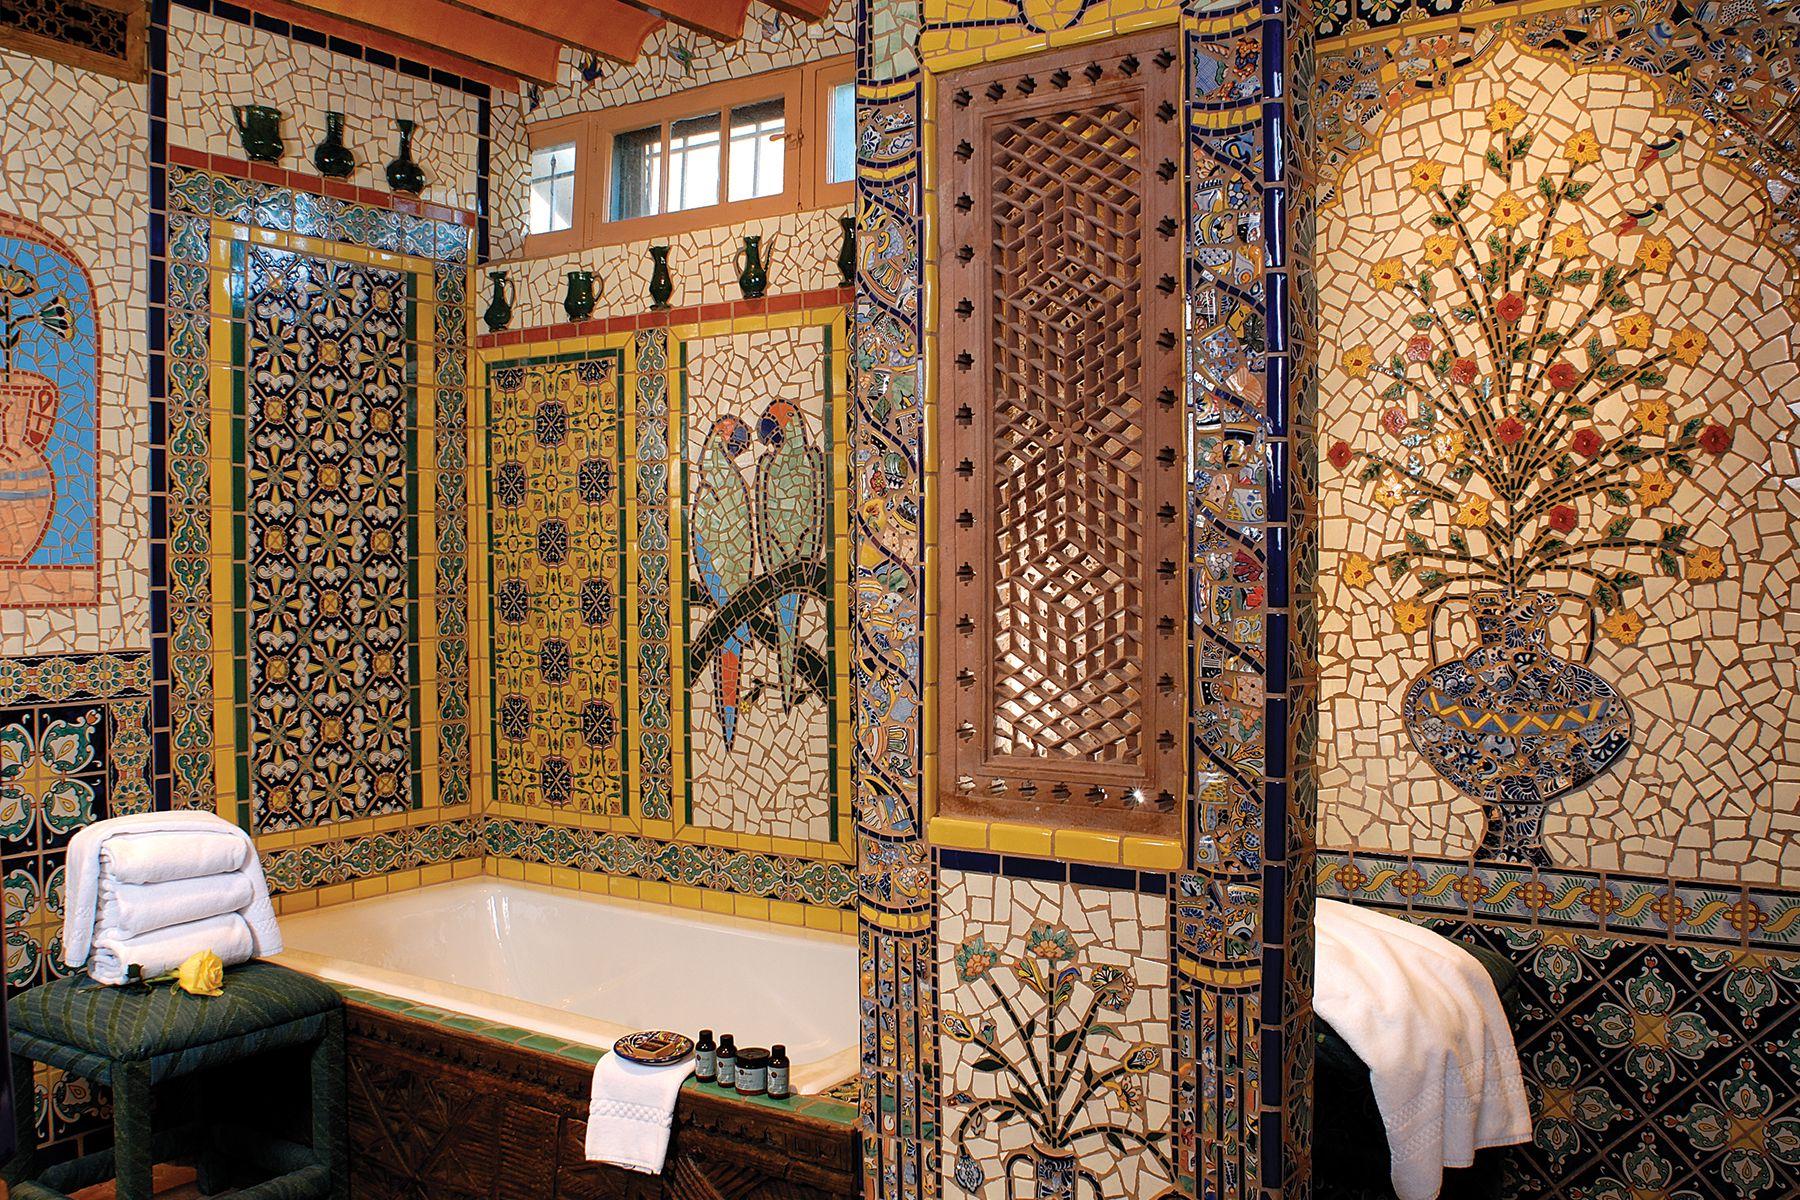 Five Graces Bath